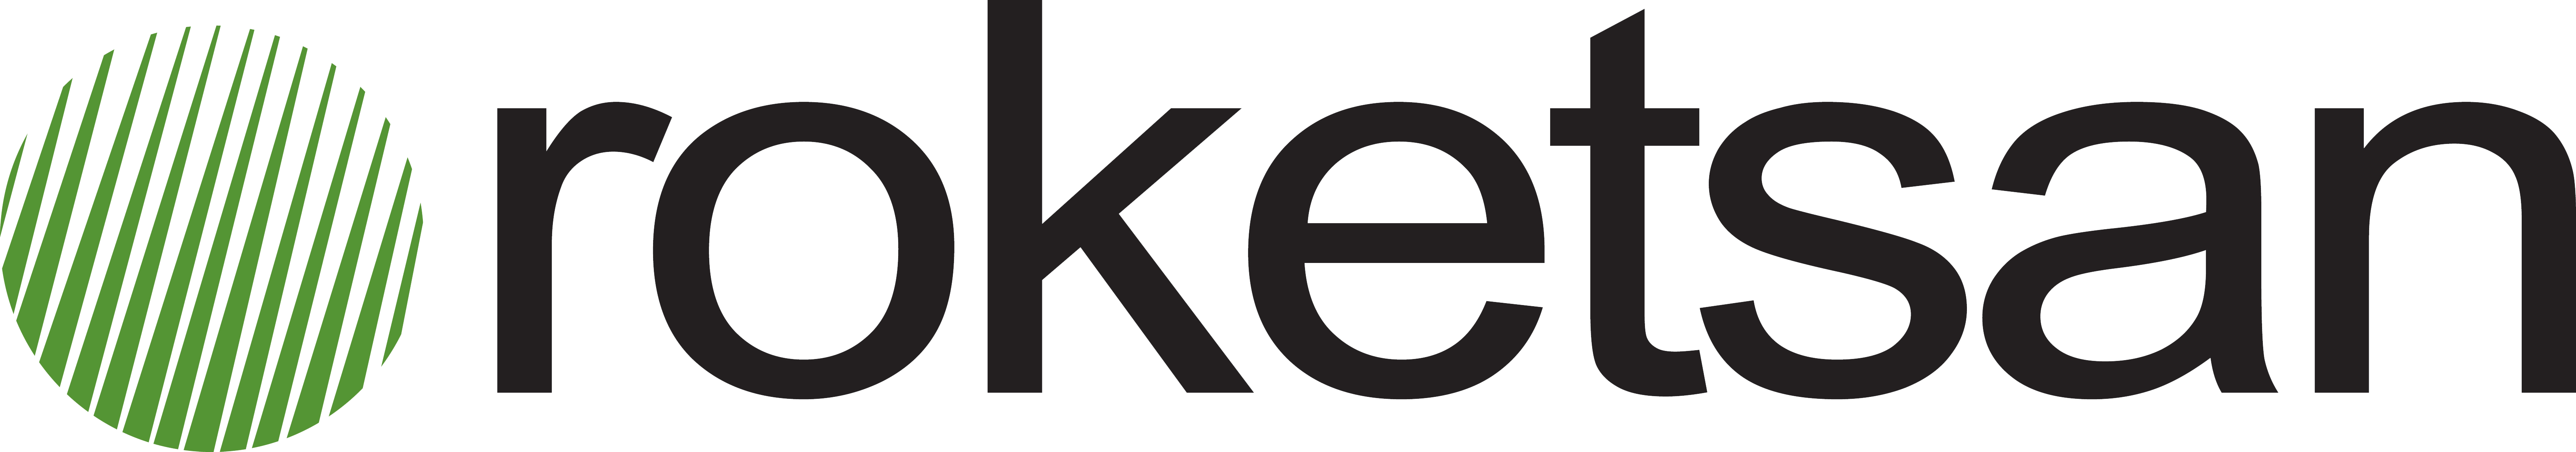 roketsan logo ile ilgili görsel sonucu